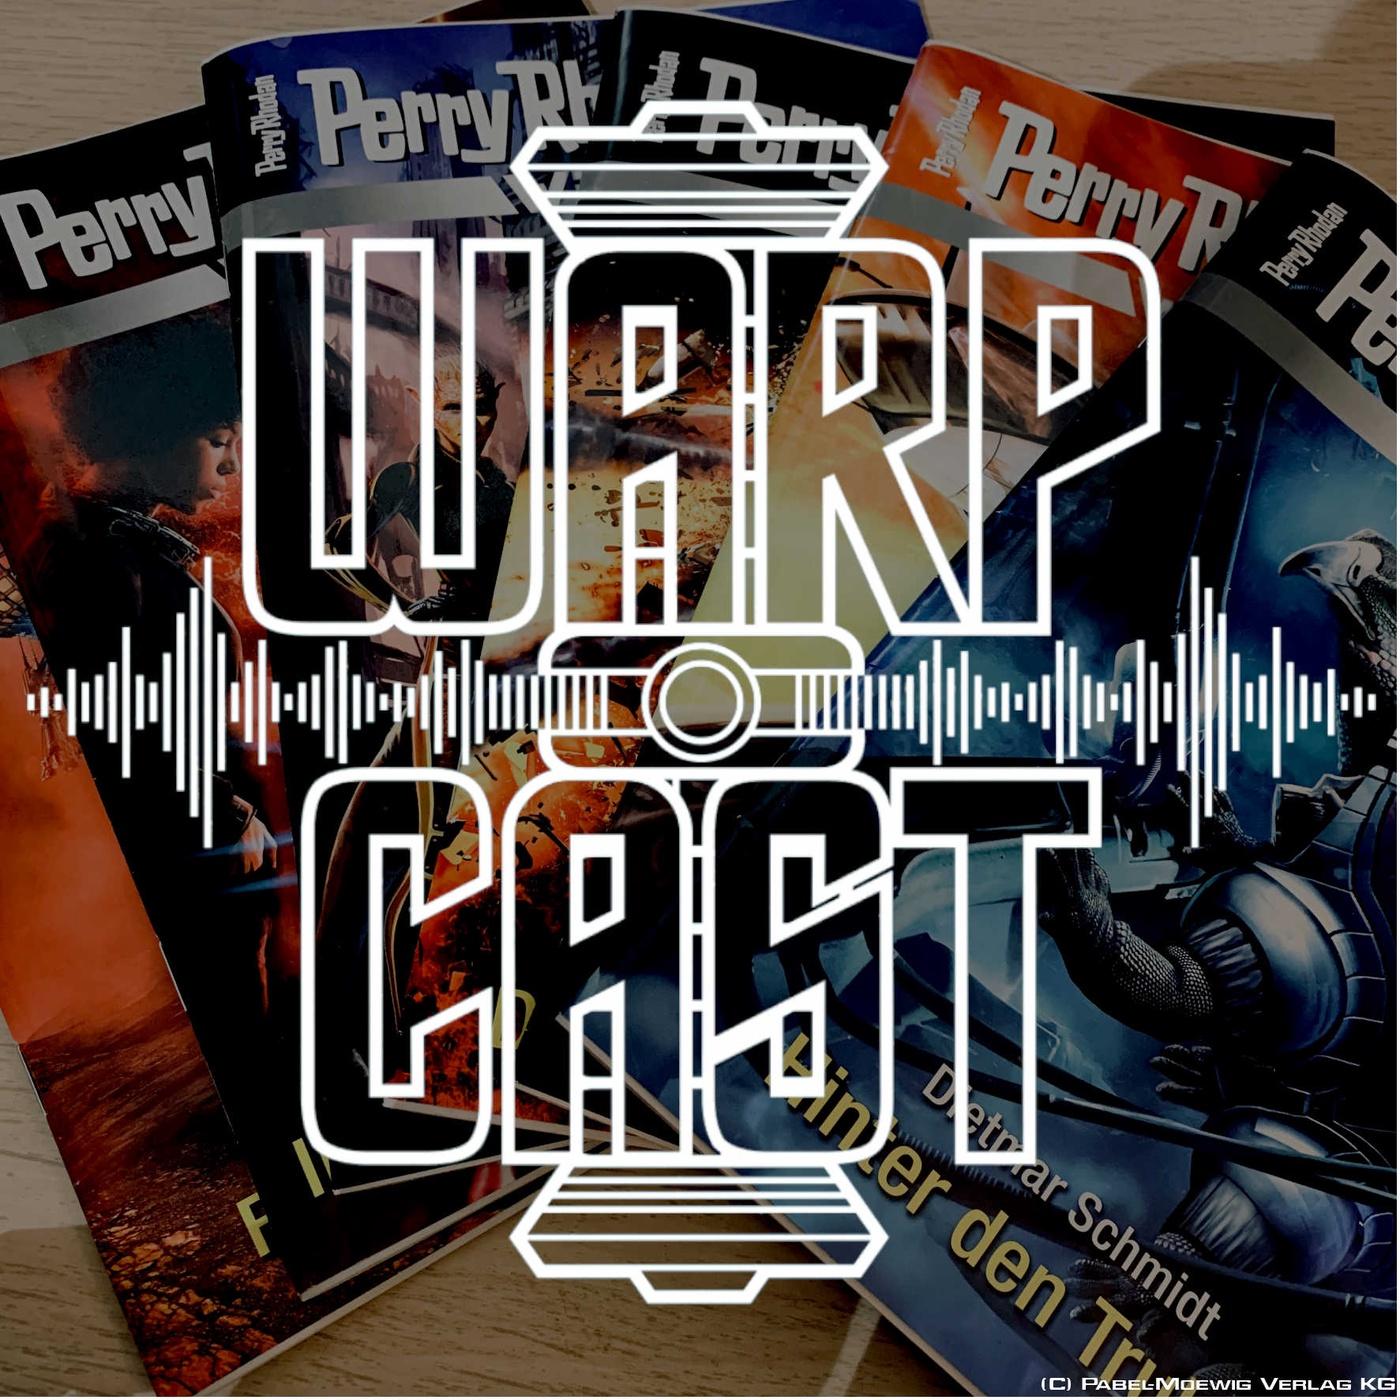 Perry Rhodan Podcastwoche: Perry Rhodan Wega